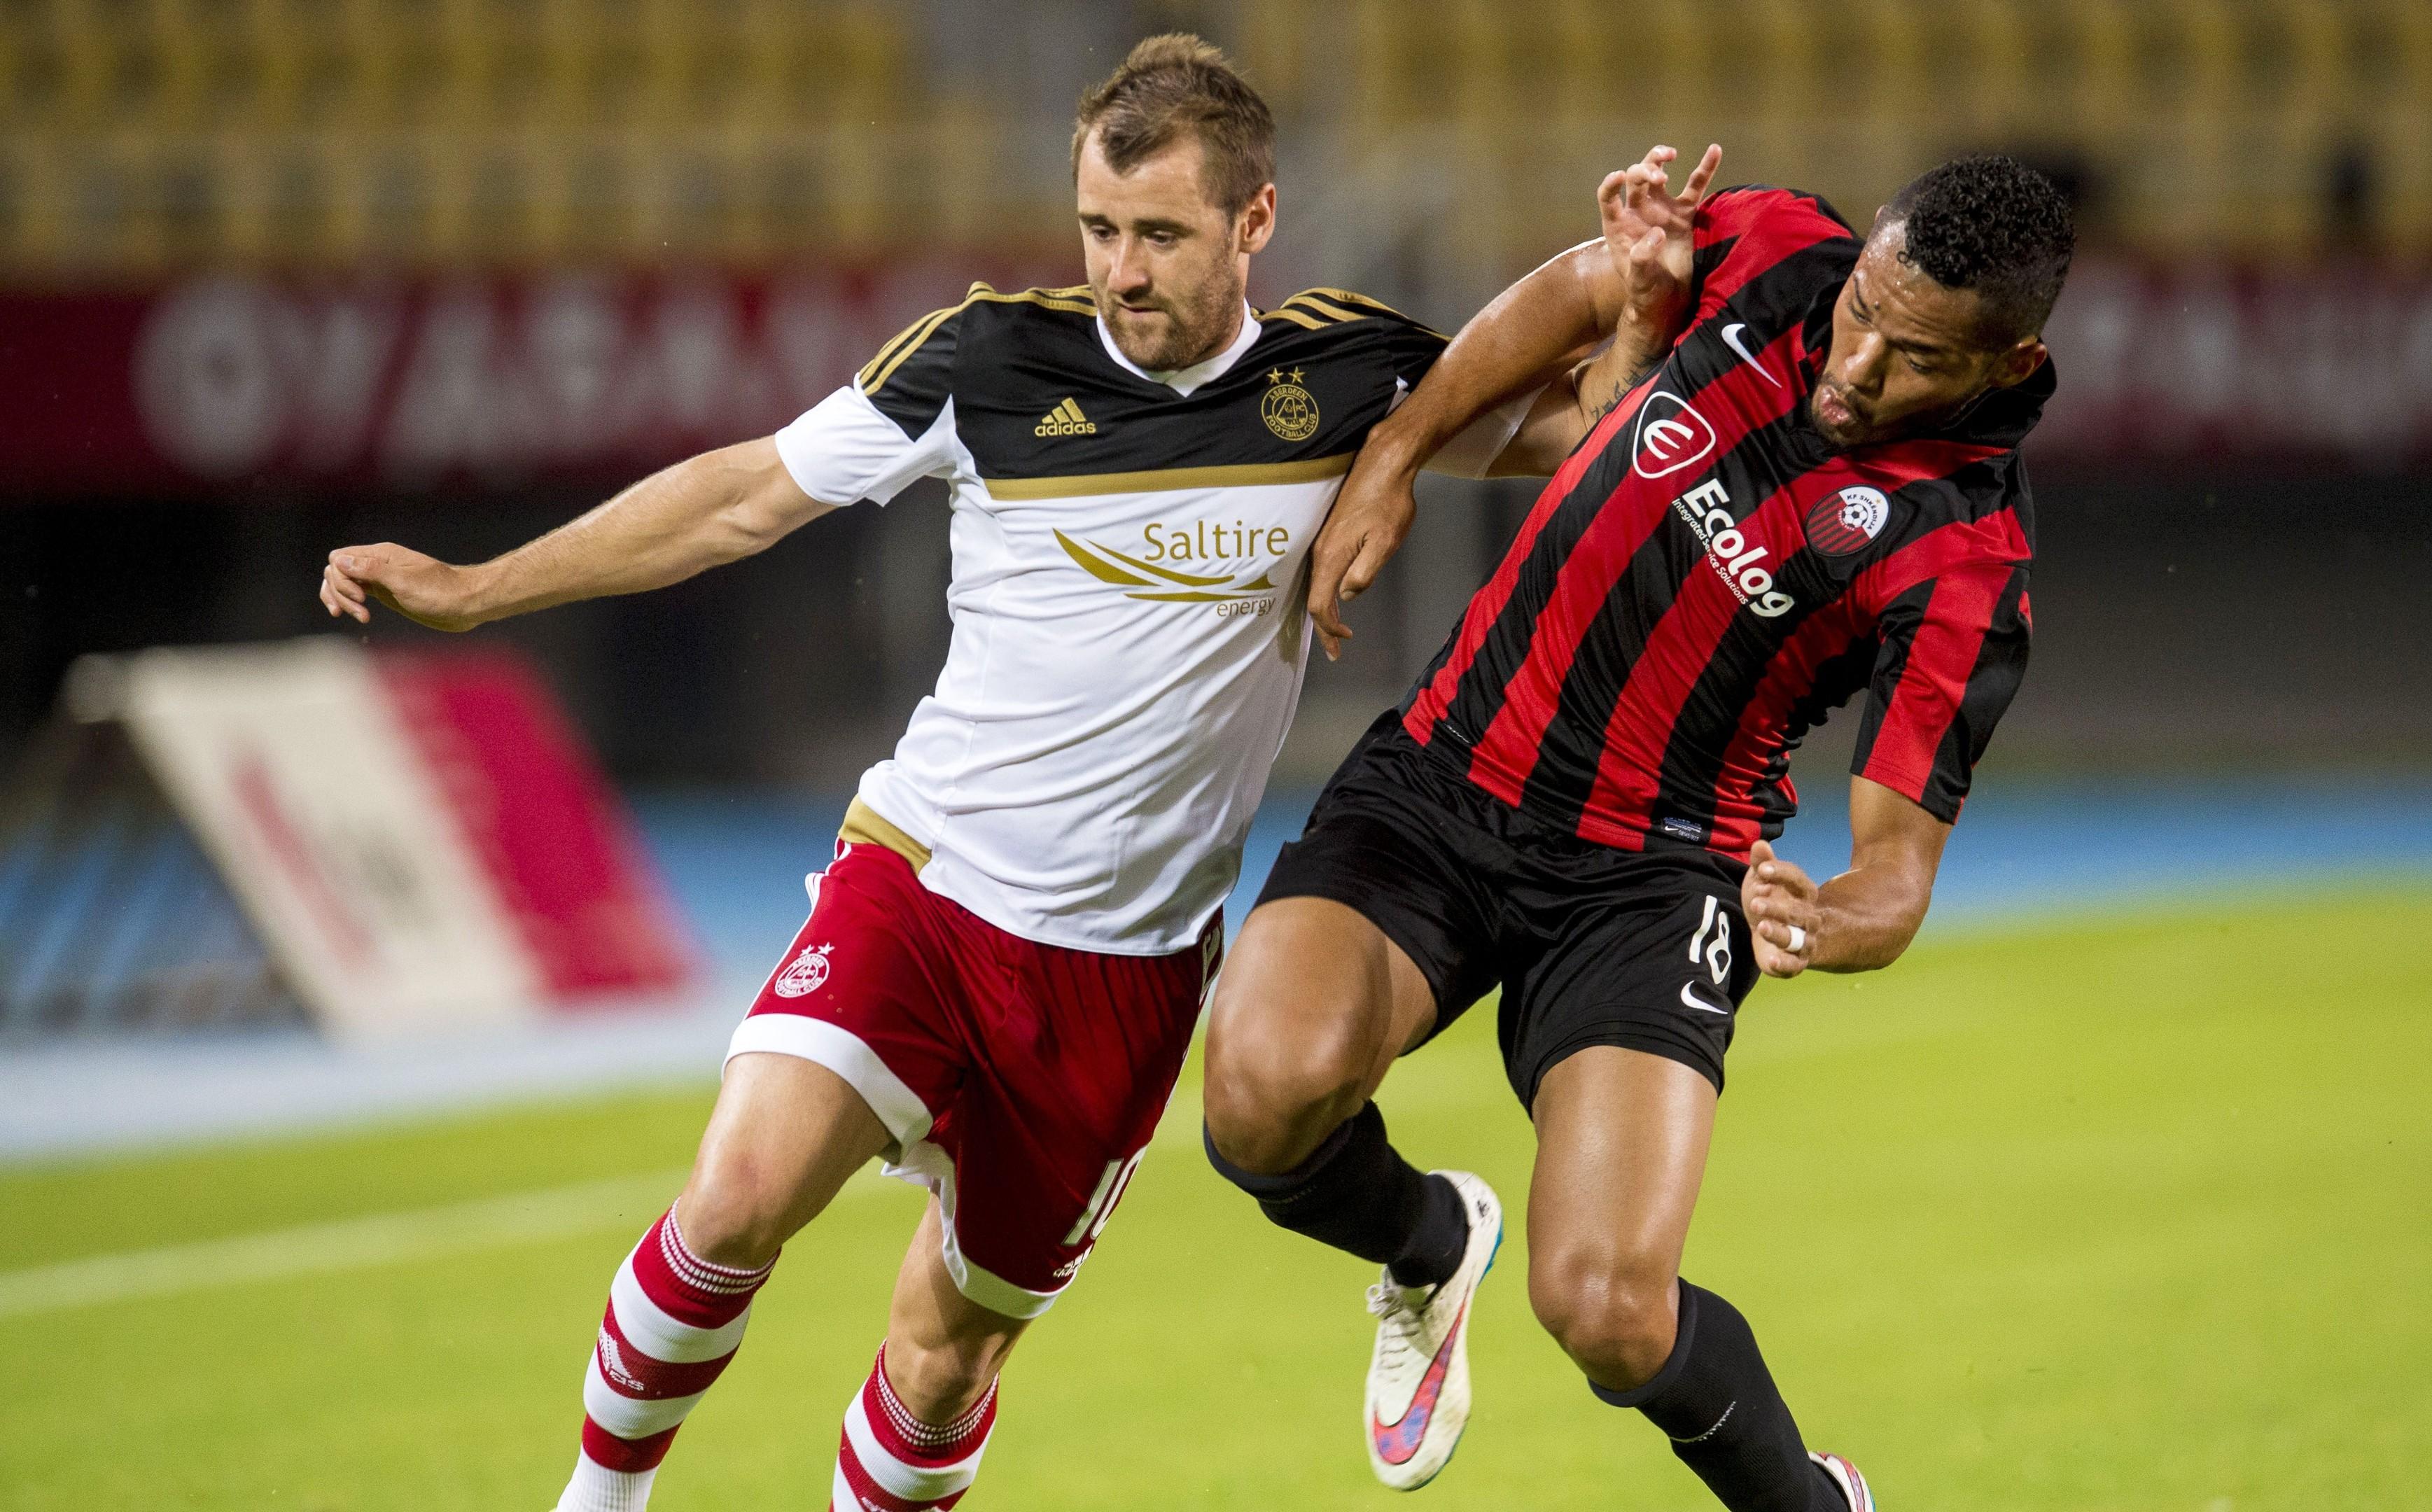 Aberdeen's Niall McGinn (left) battles with Stenio Junior.